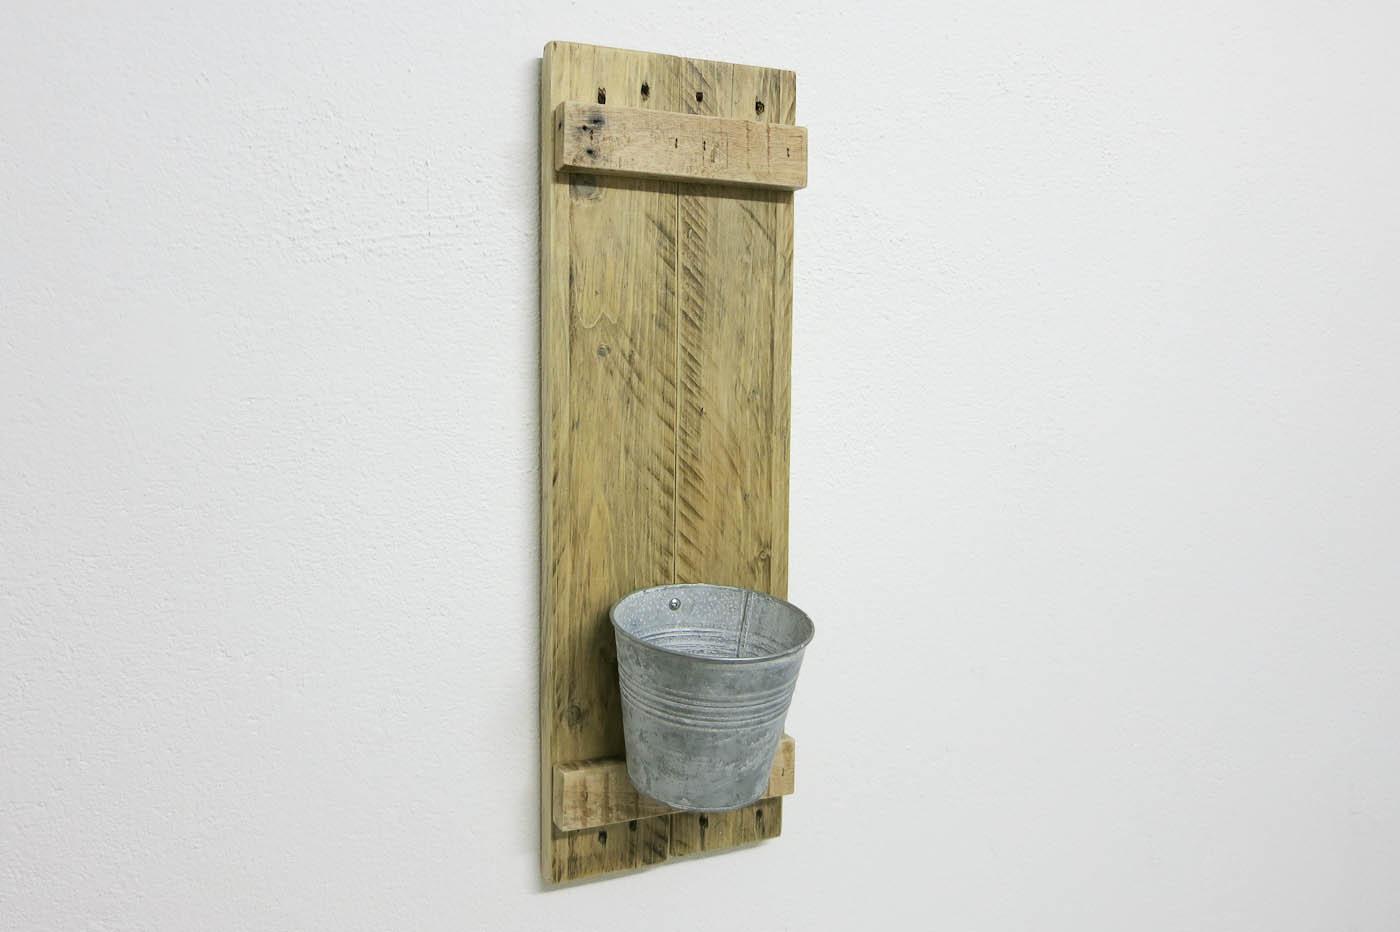 Kleine wandkonsole altholz kellerherz - Wandregal altholz ...